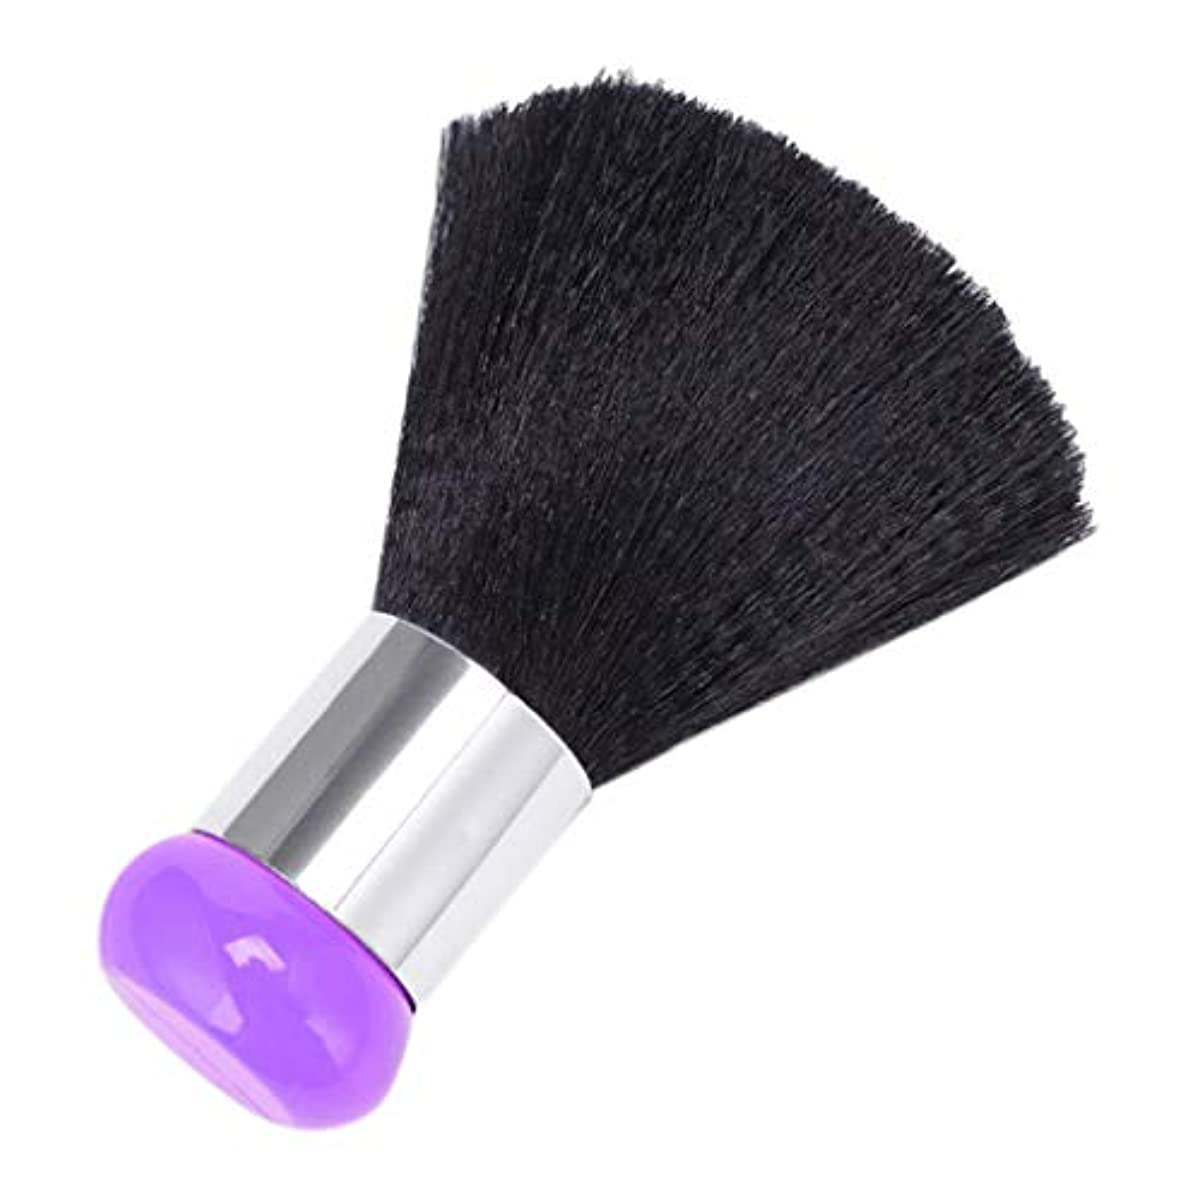 雄大なパテパーティーB Baosity ヘアカット ネックダスタークリーナー ヘアブラシ サロンツール 2色選べ - 紫